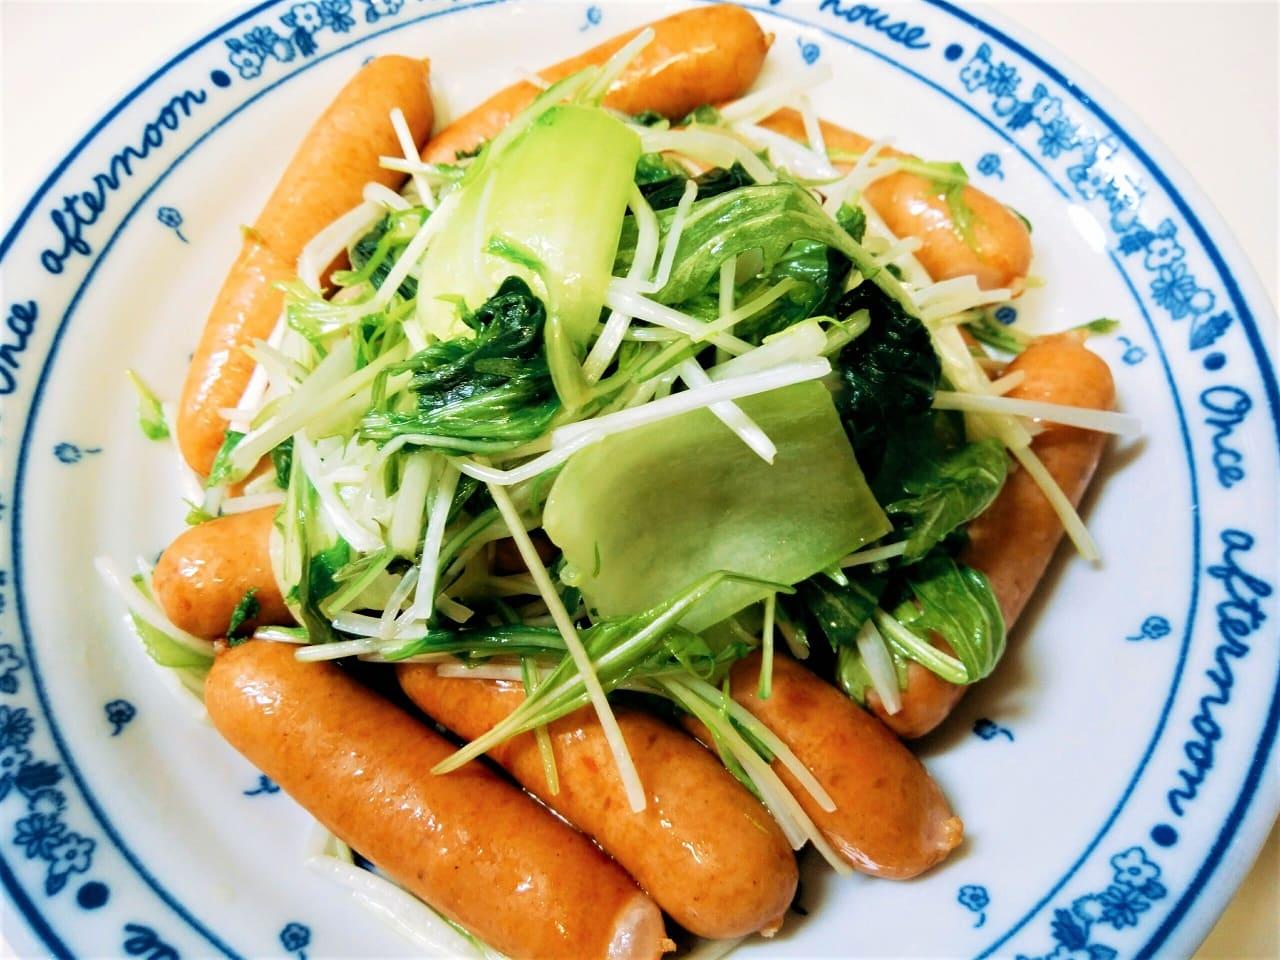 チンゲン菜とウインナー